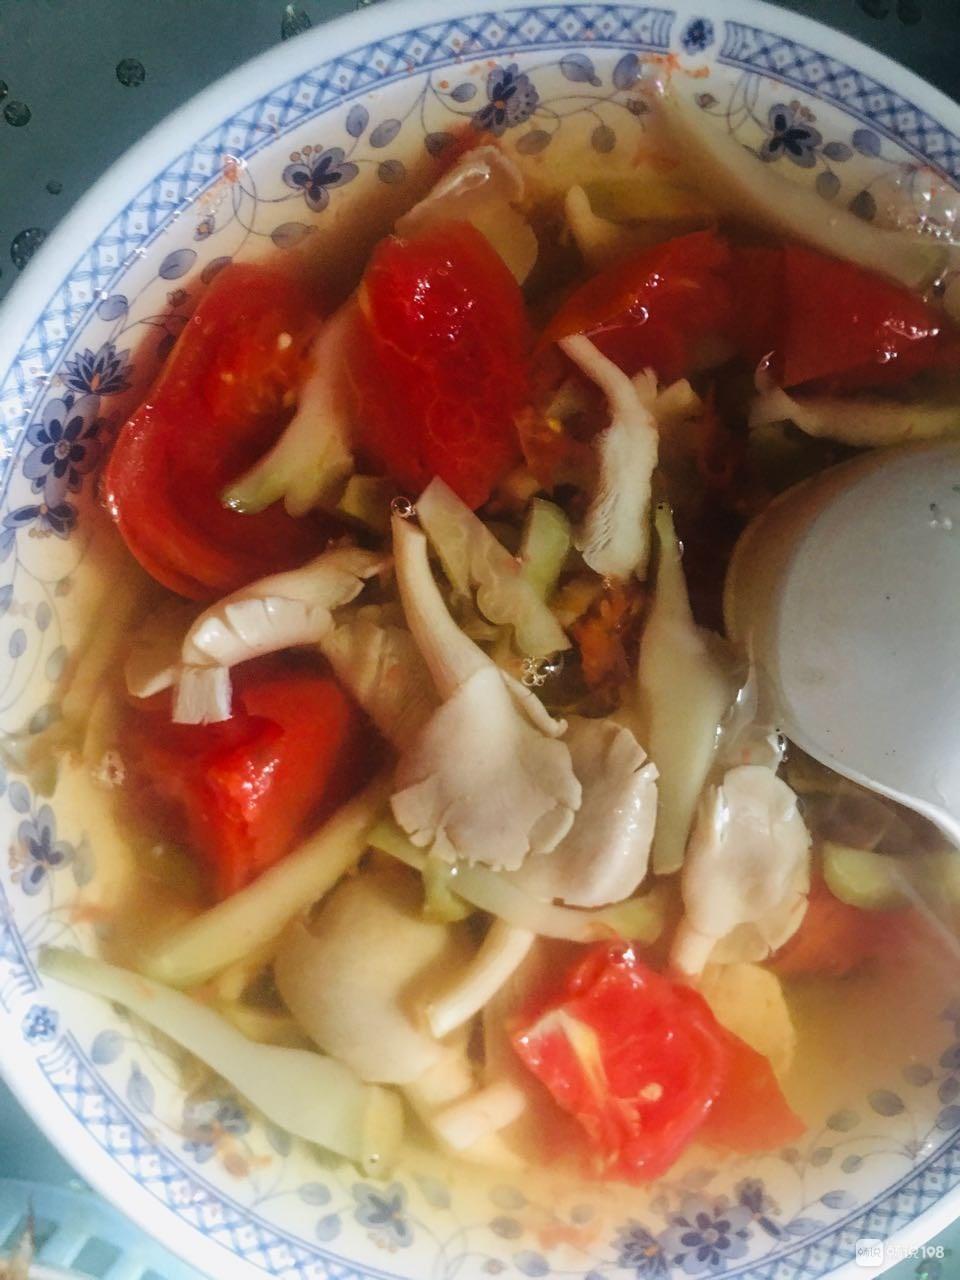 皮皮虾、菌菇汤...简单做做!有人知道第二道菜是啥吗?